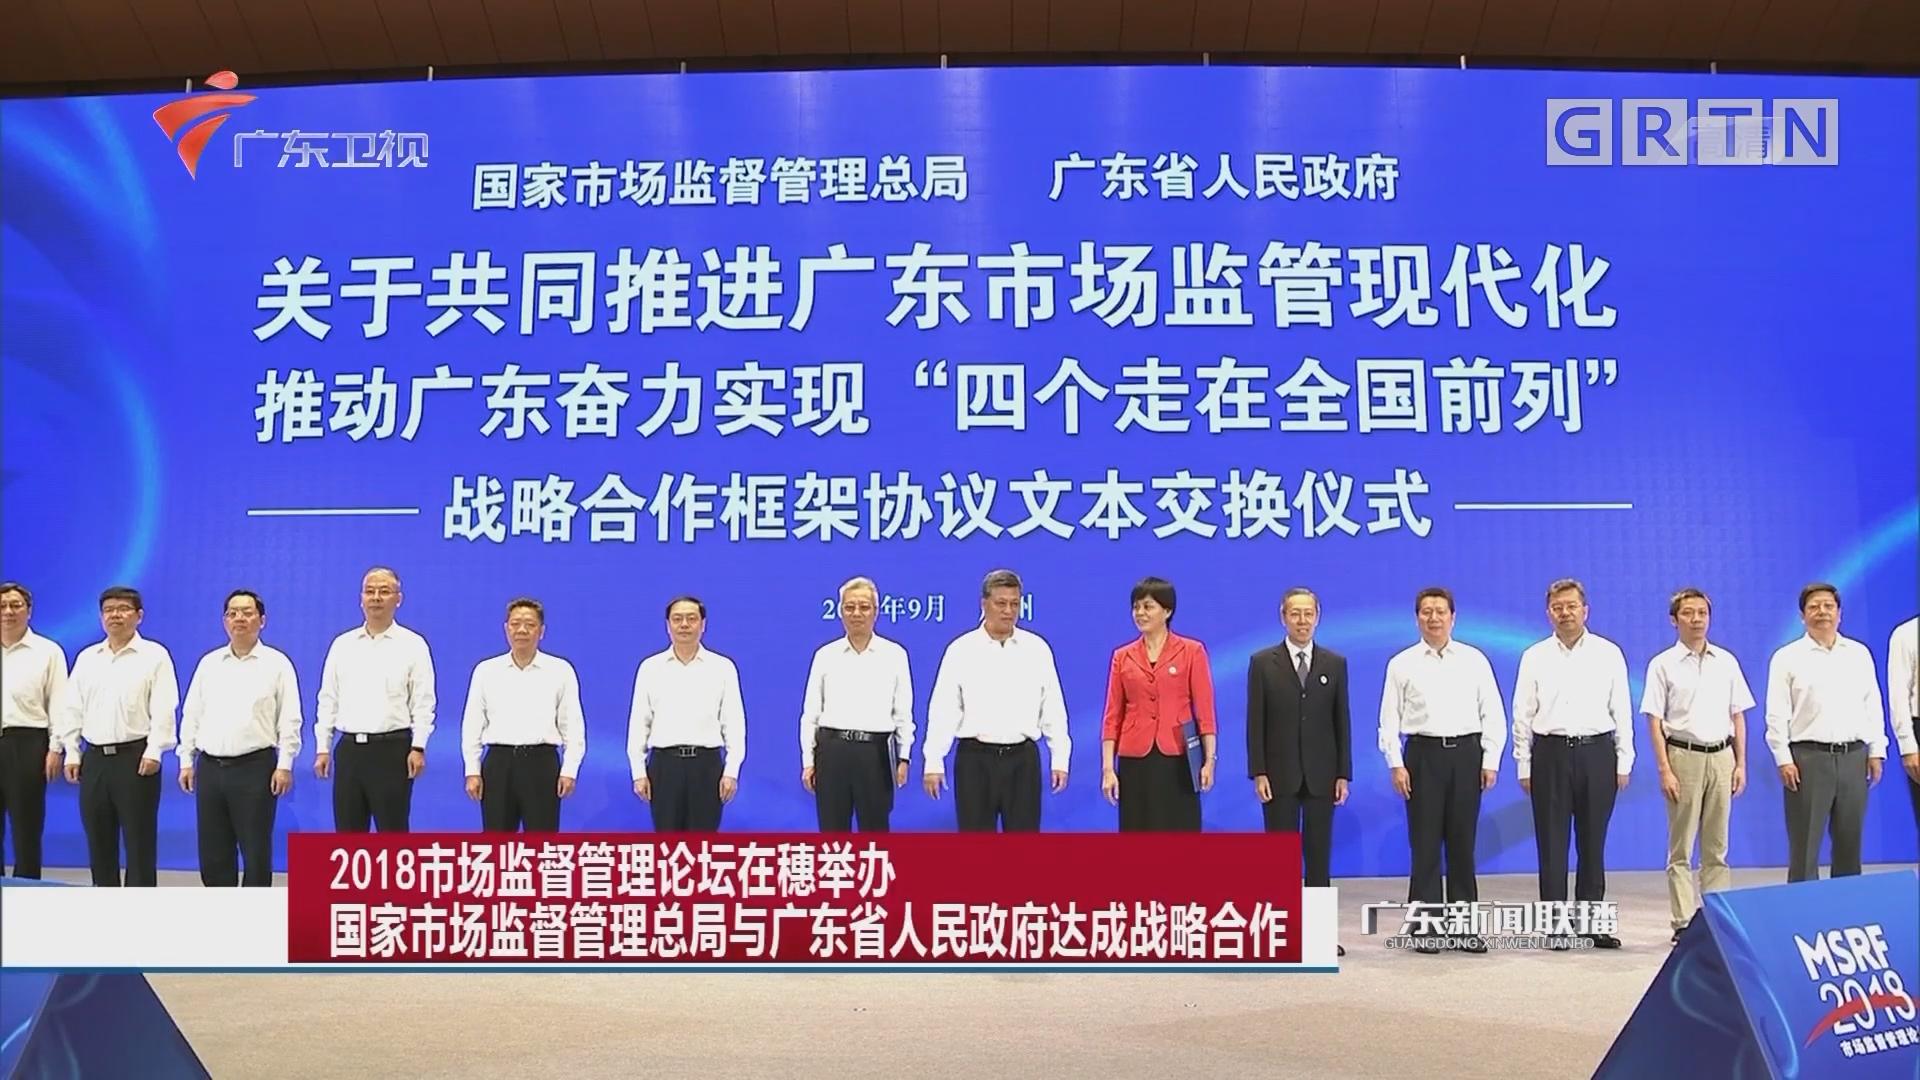 2018市场监督管理论坛在穗举办 国家市场监督管理总局与广东省人民政府达成战略合作